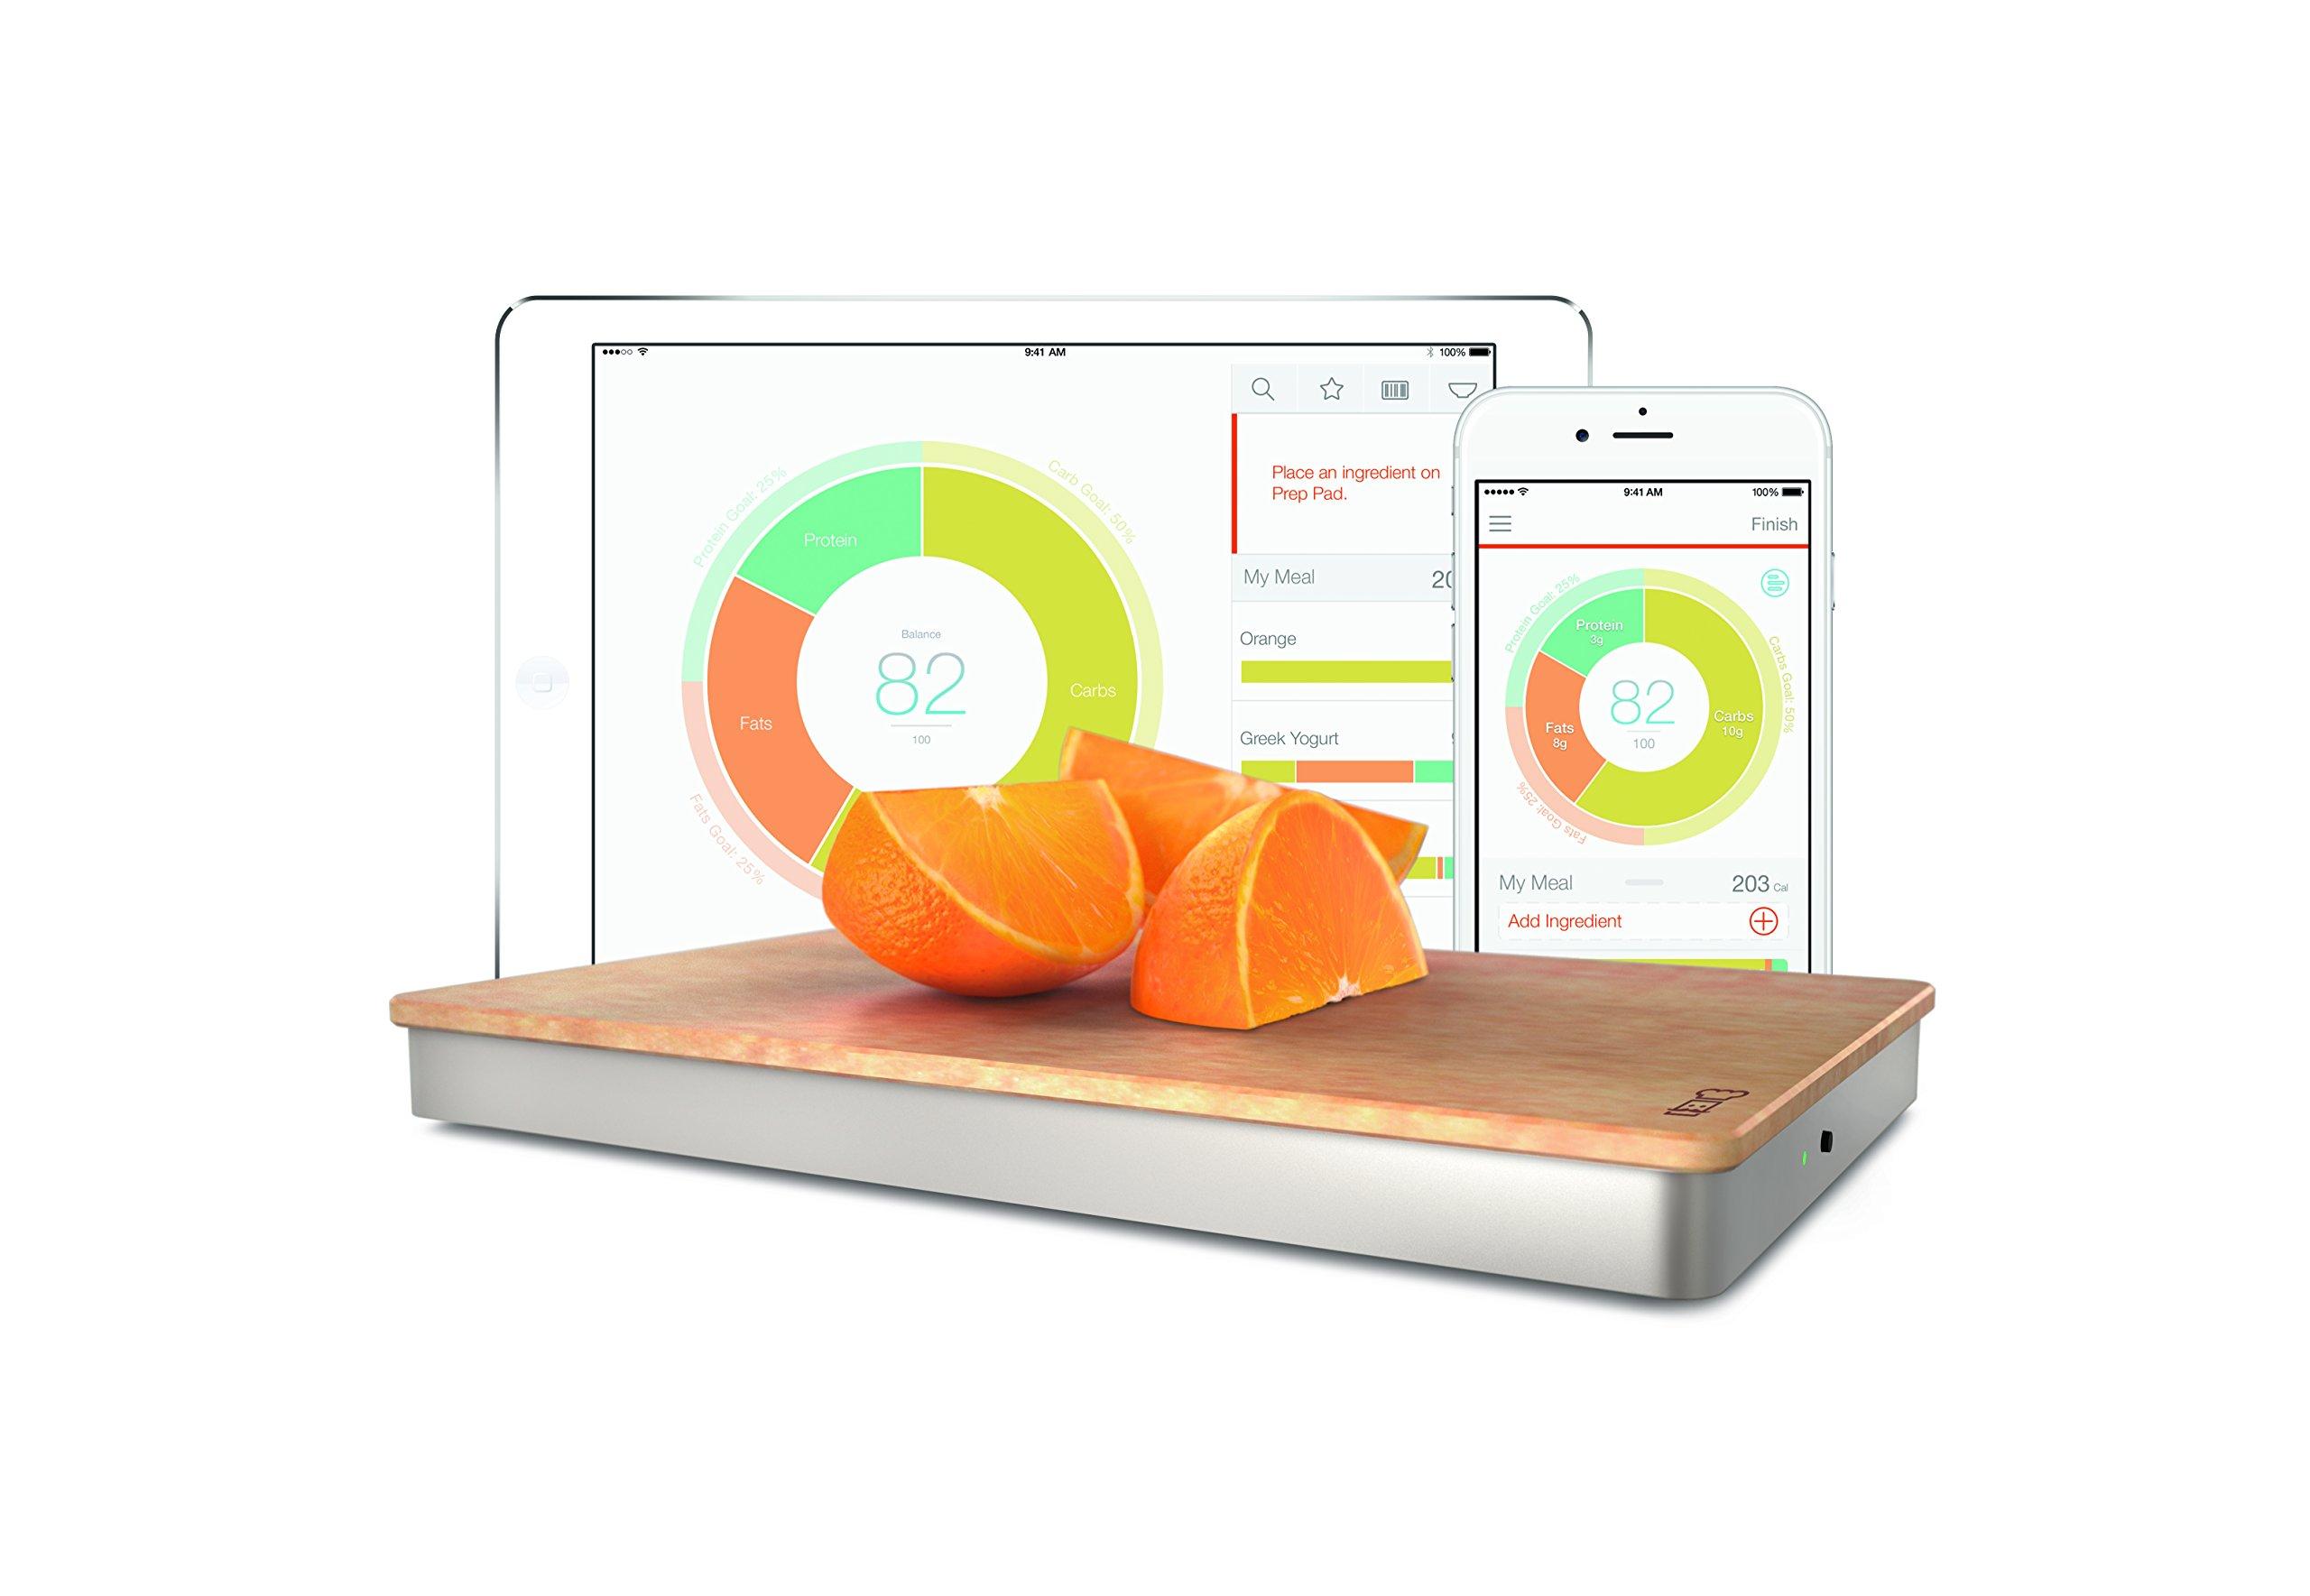 The Orange Chef Prep Pad- Smart Food Scale, Silver